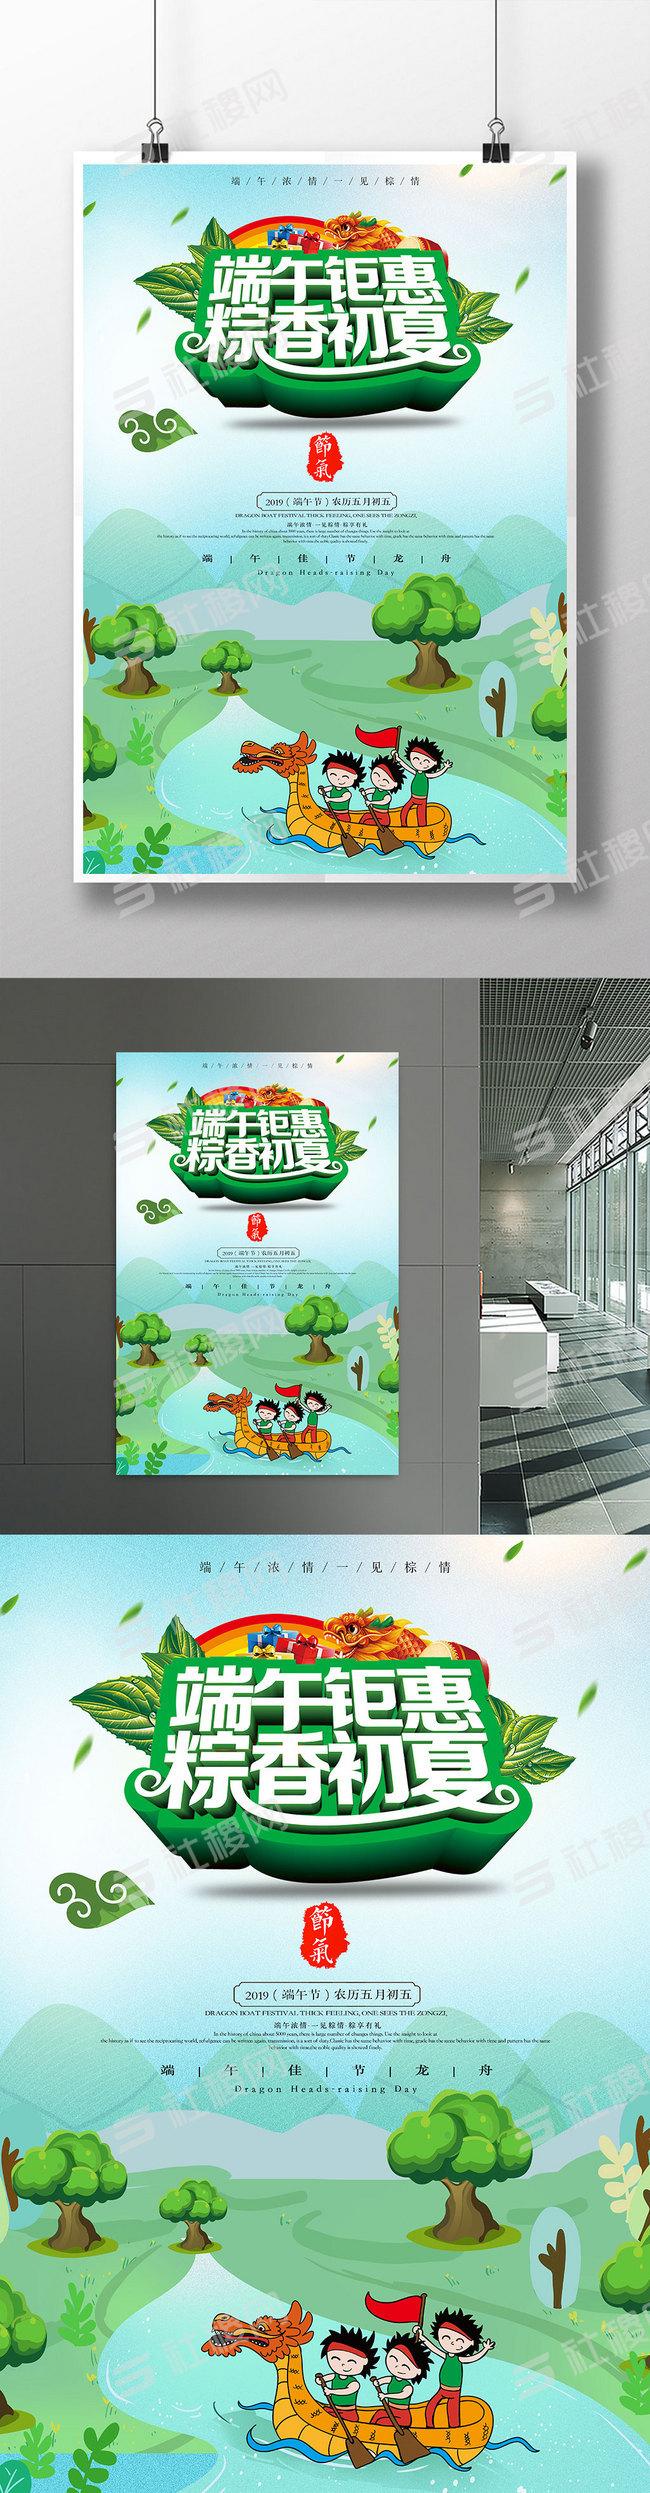 5月5端午节创意宣传海报